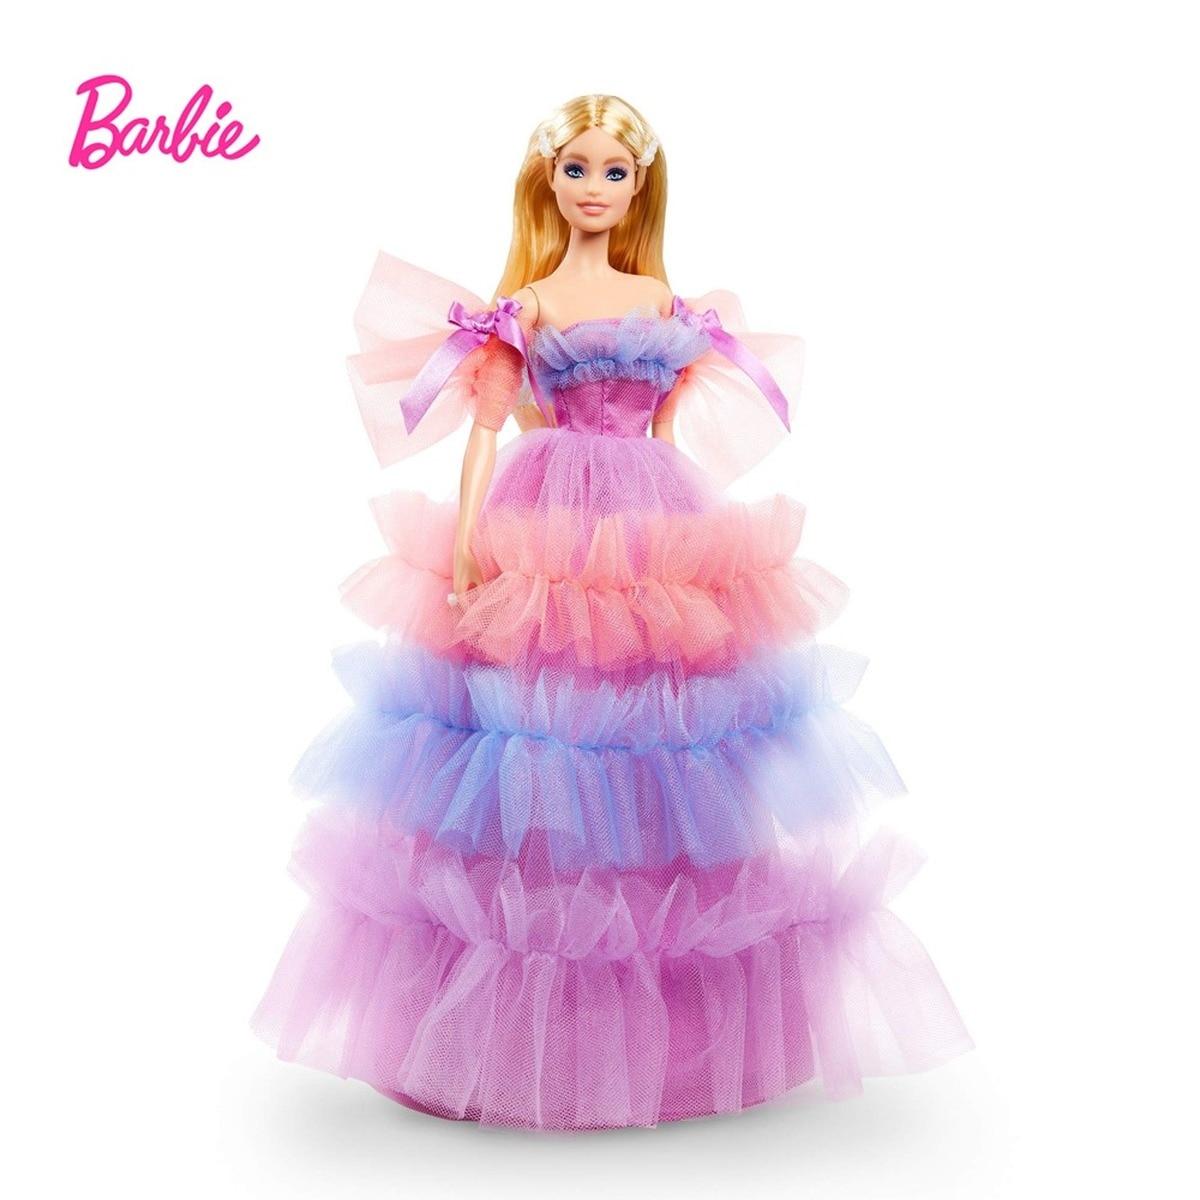 Muñeca de cumpleaños de Barbie con pelo rubio, vestido con volantes, edición...